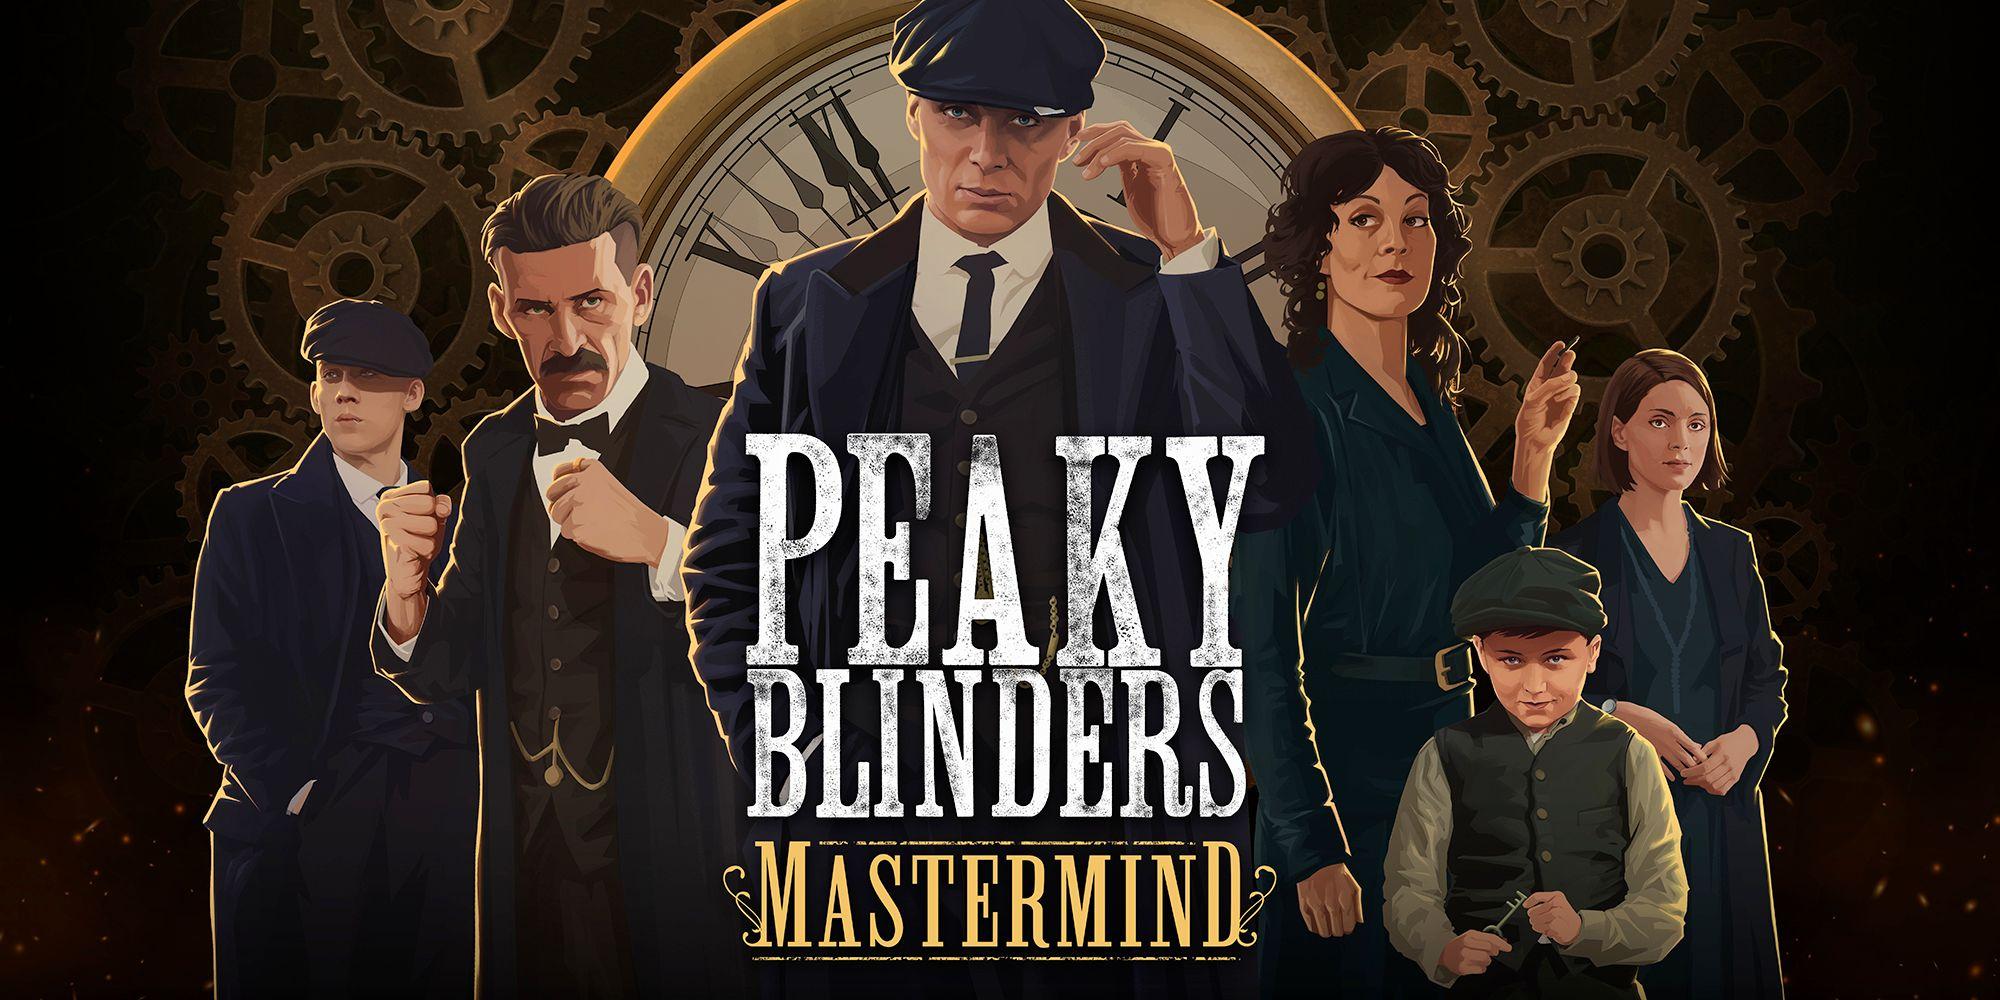 Peaky Blinders: Mastermind Review